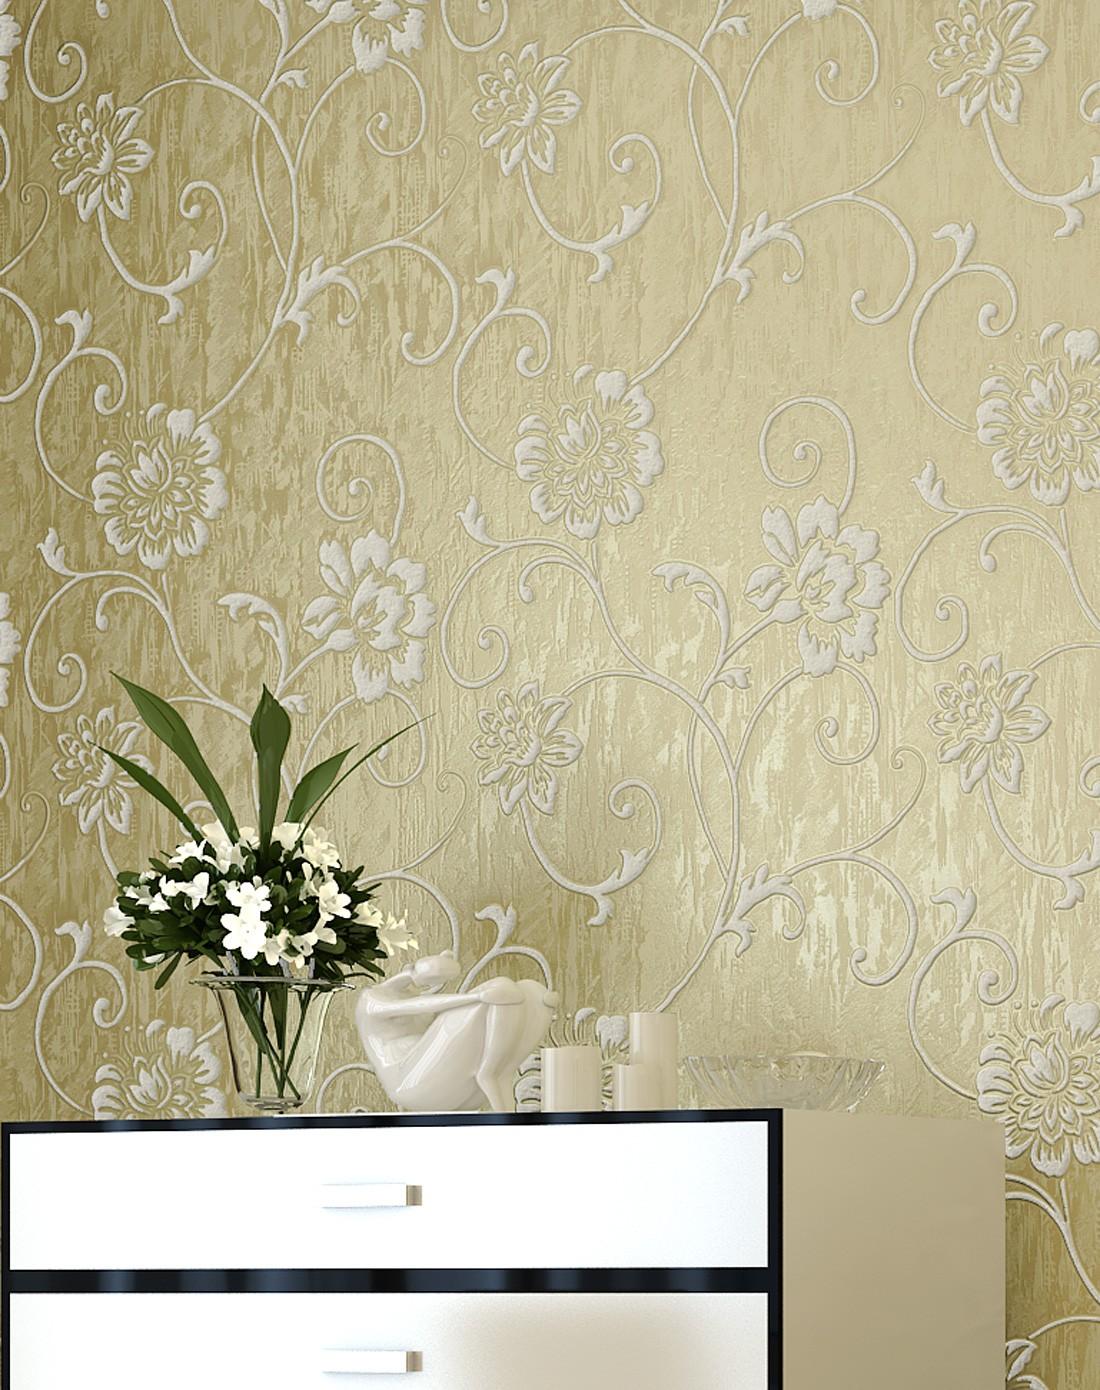 纸尚美学墙纸专场米黄色立体浮雕3d欧式简约风格壁纸图片